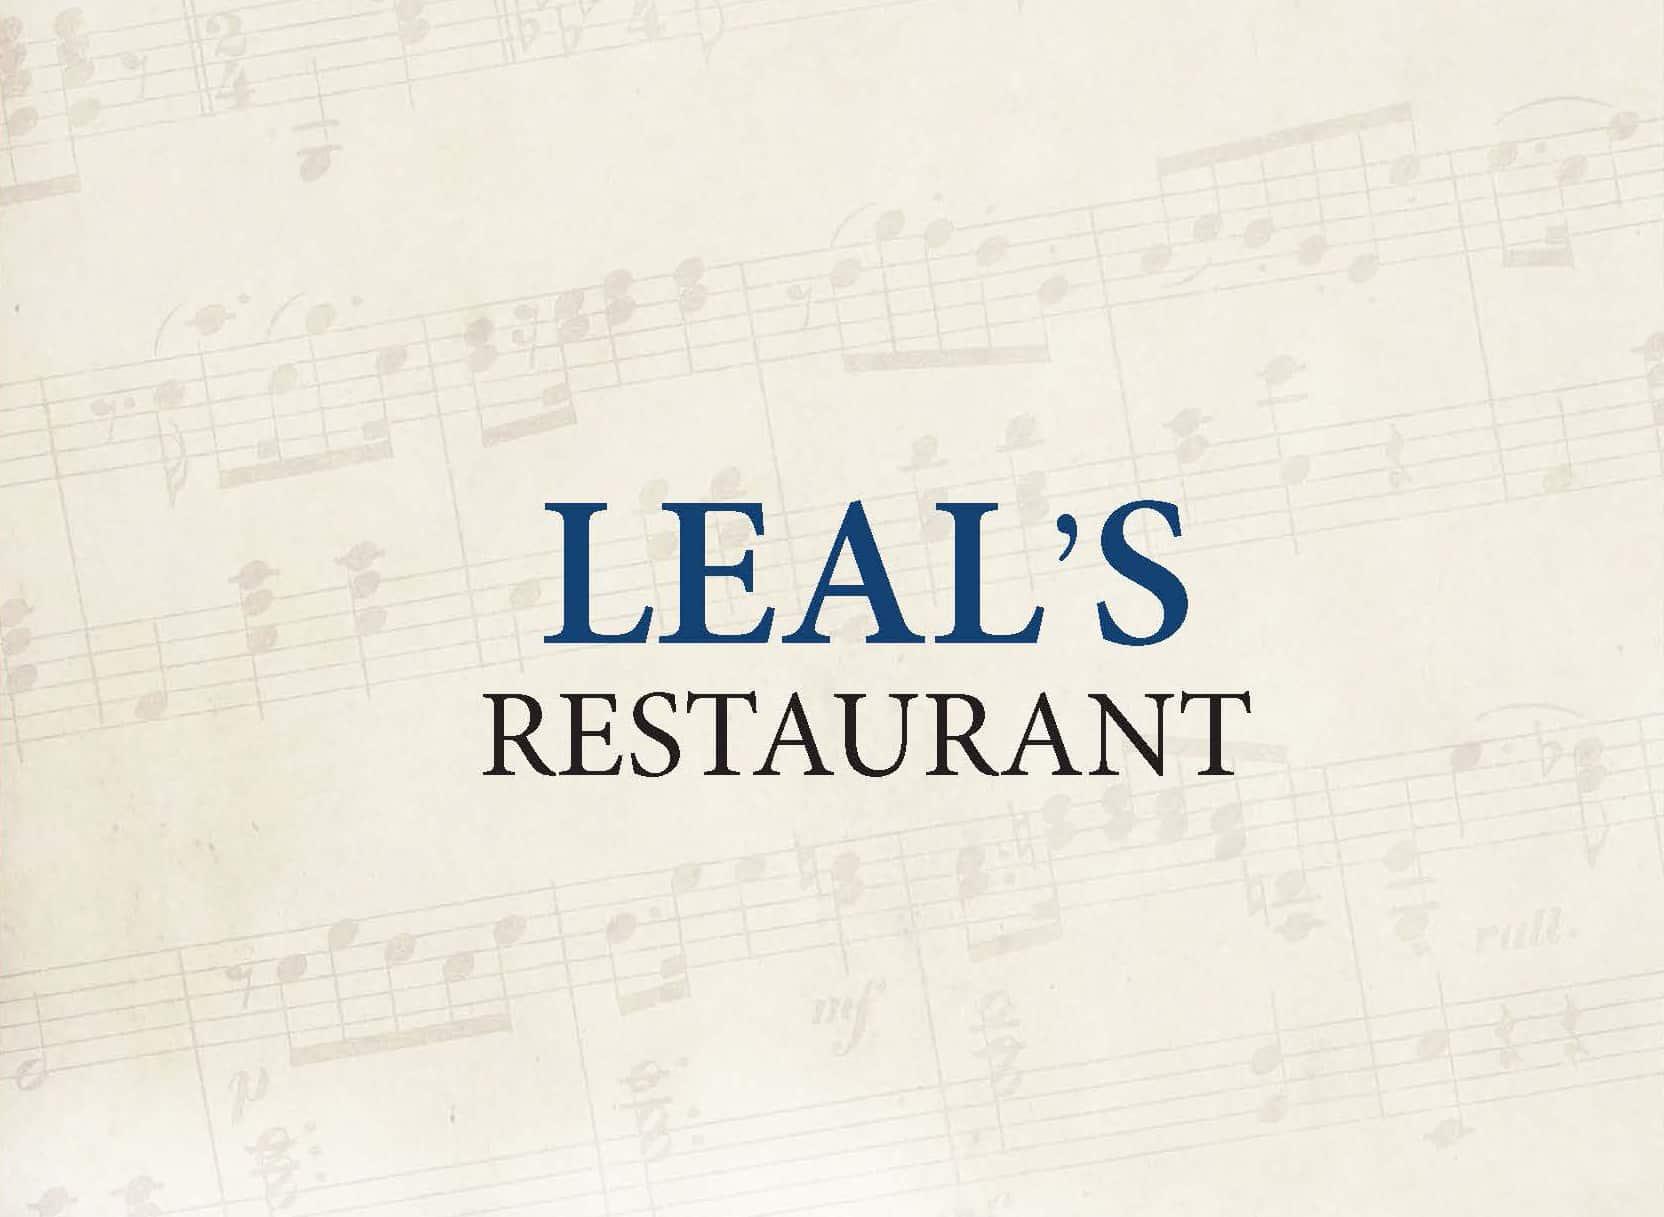 Leal's Restaurant